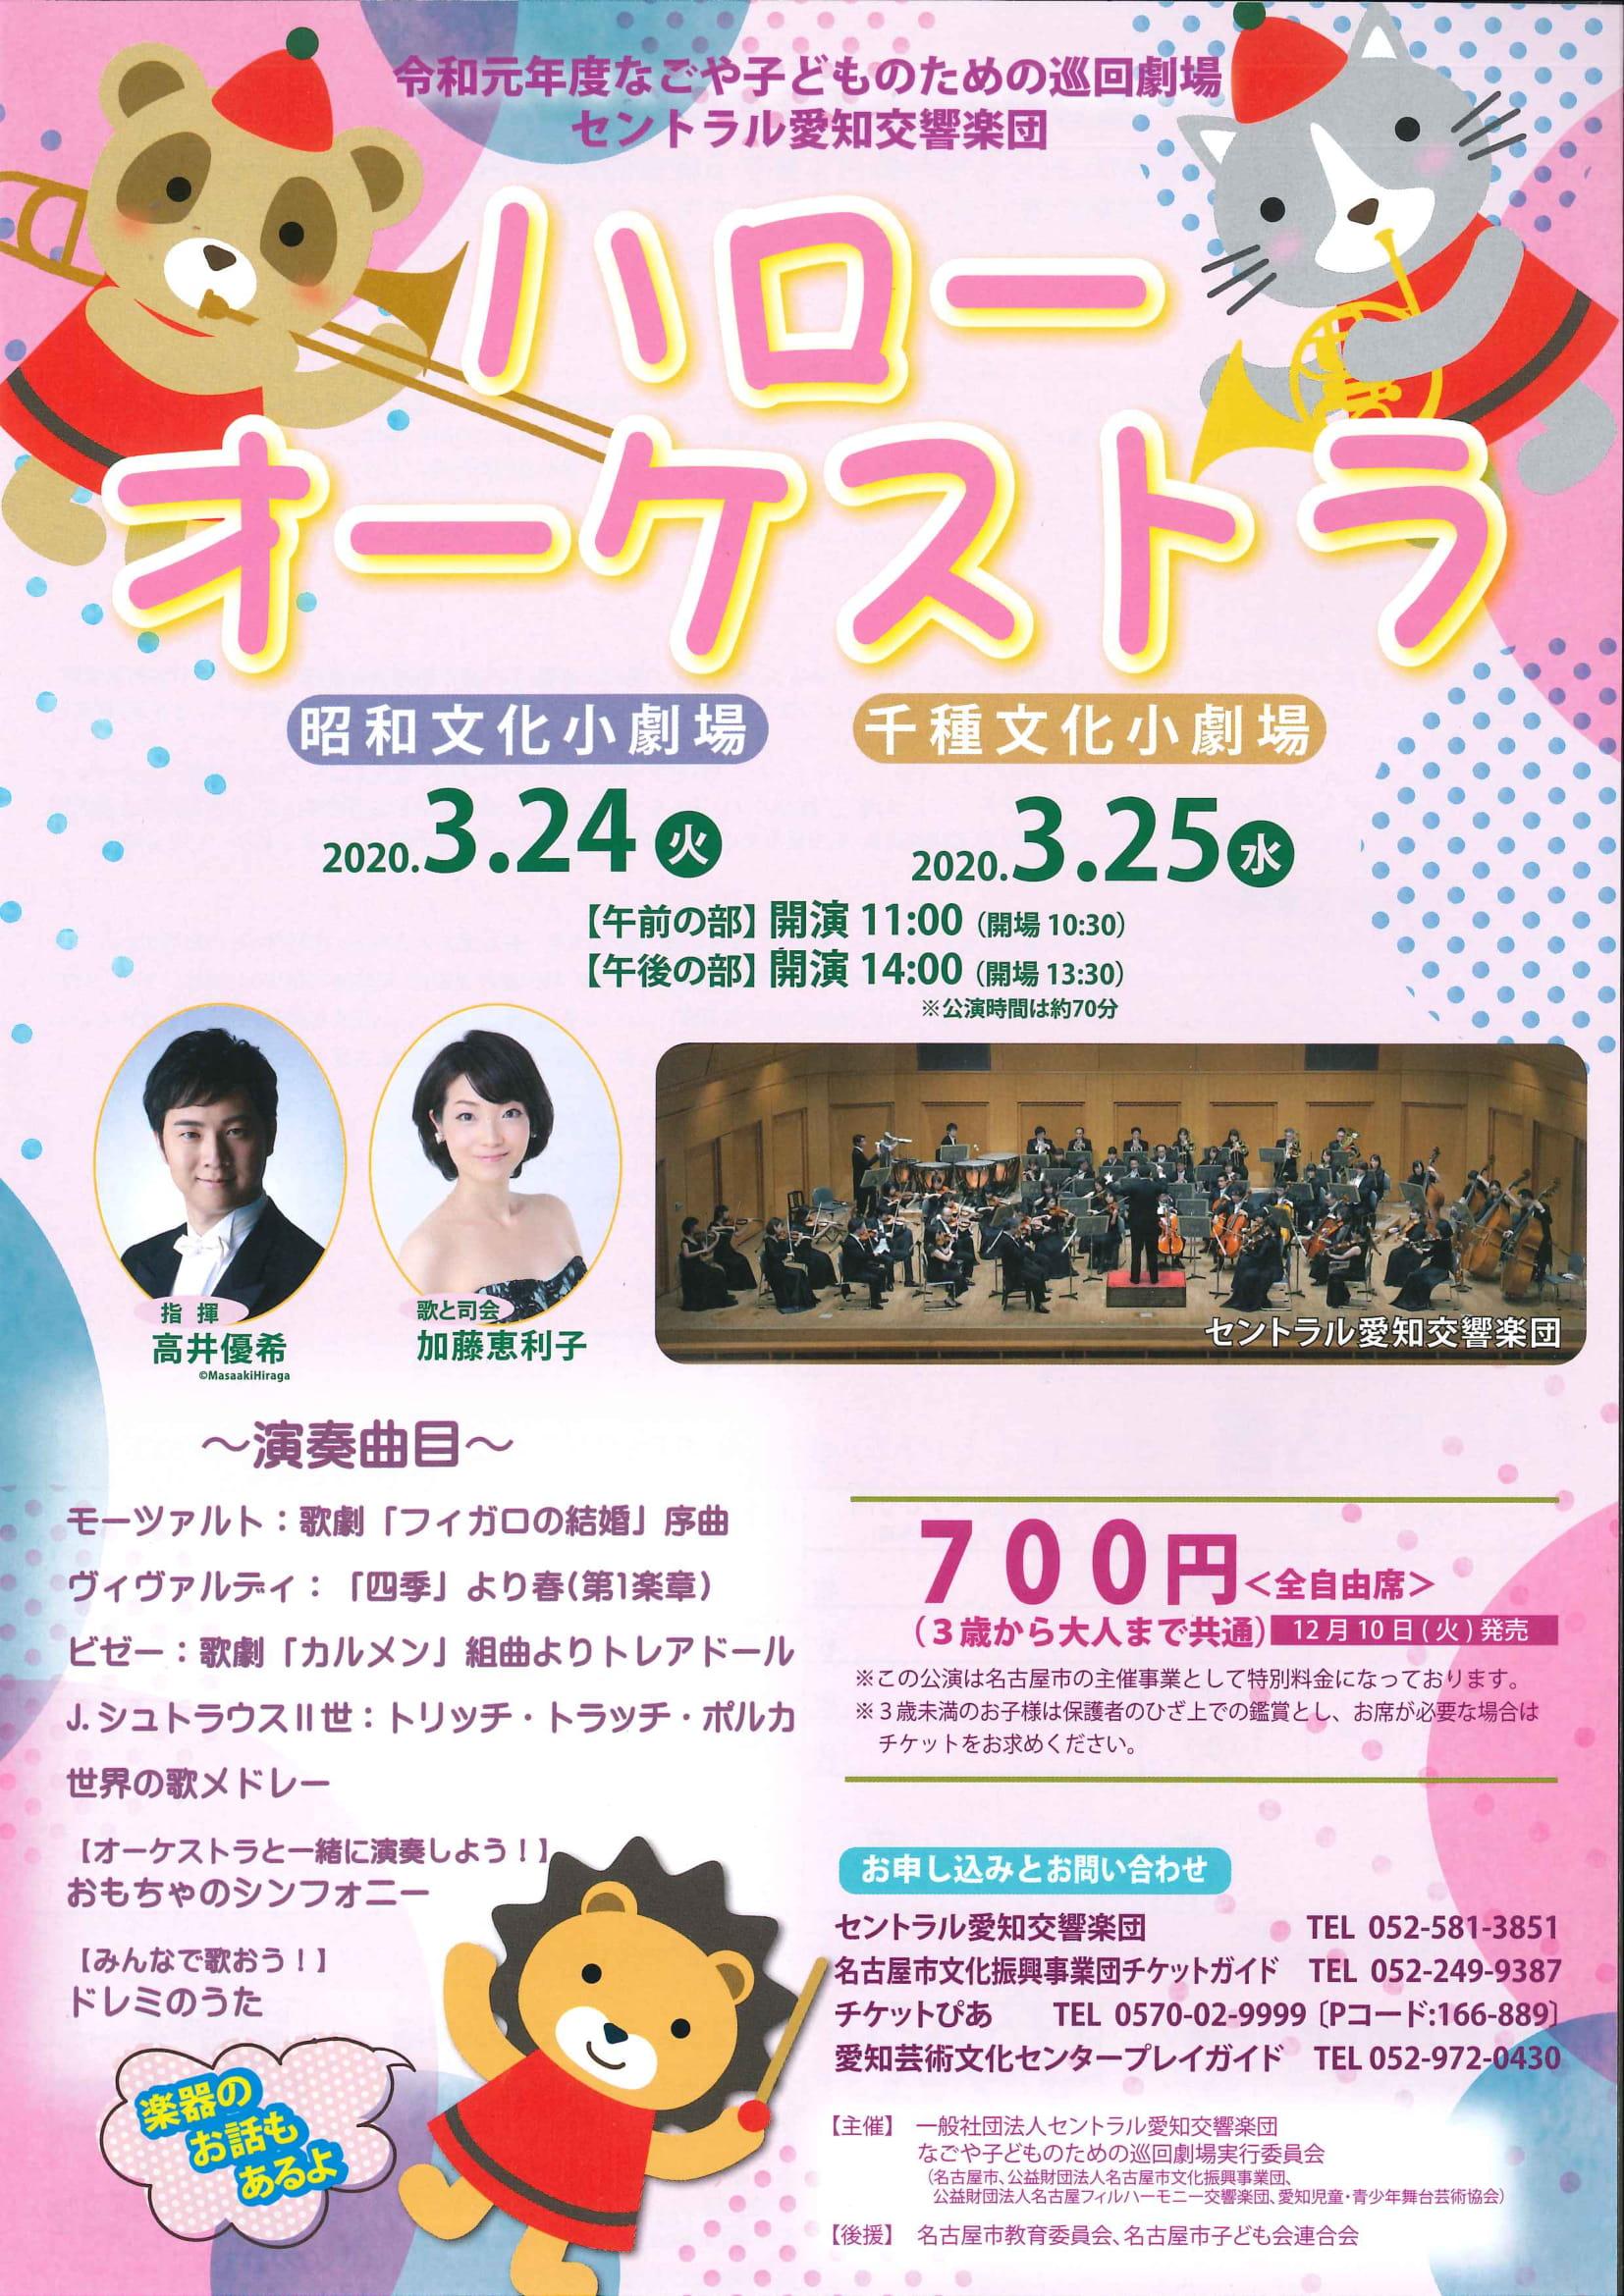 令和元年度なごや子どものための巡回劇場ハローオーケストラ 3/24 11時公演